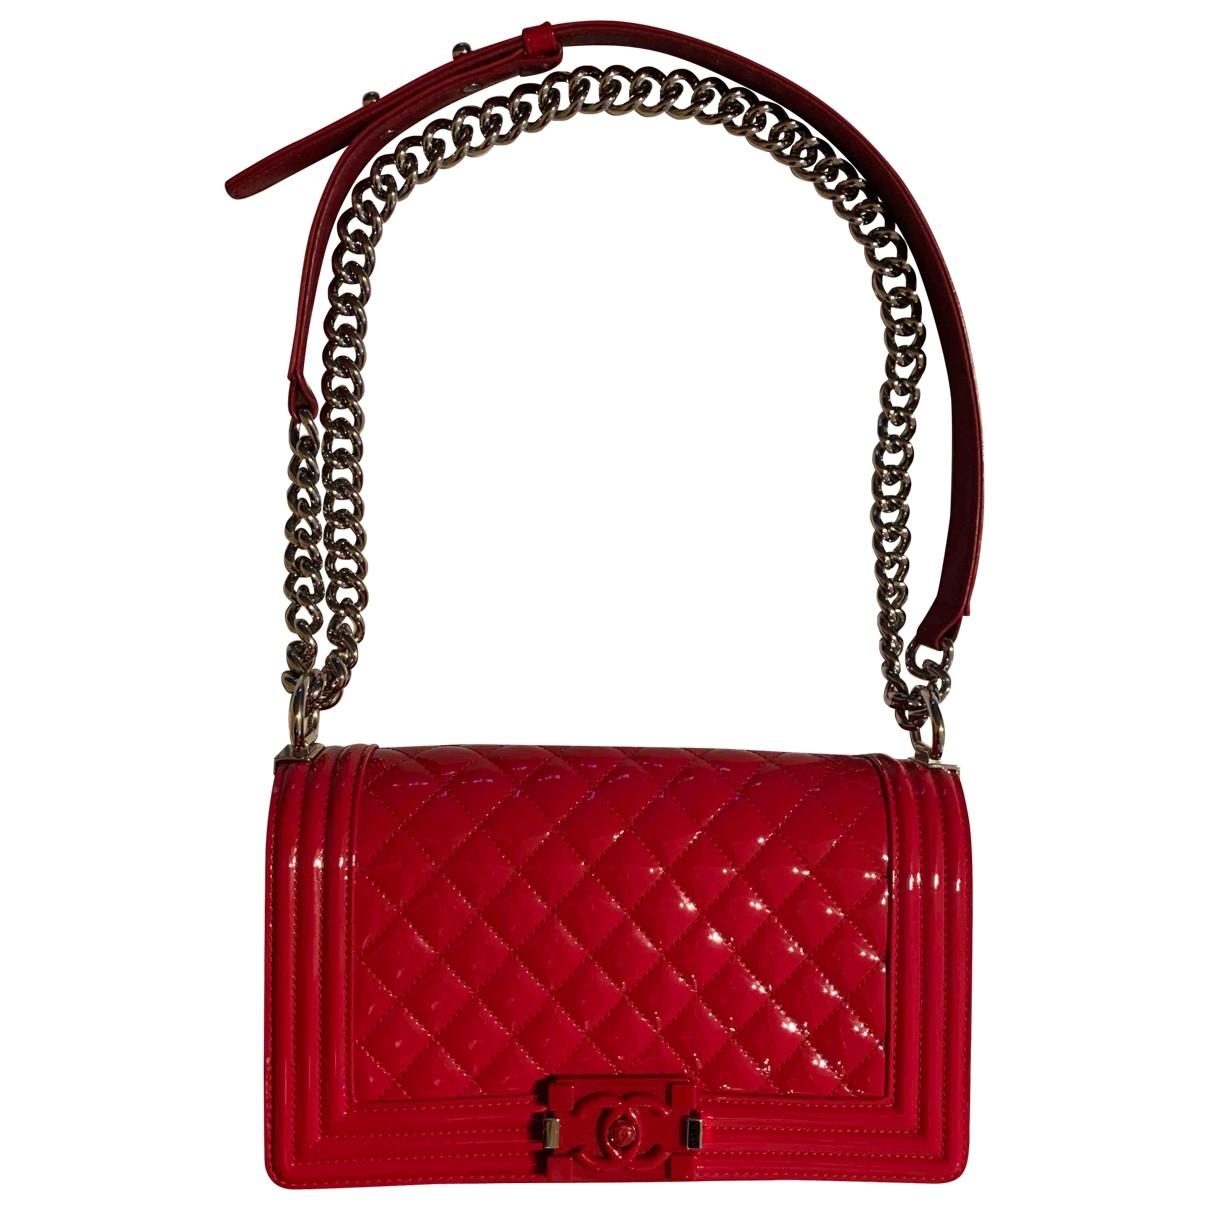 Chanel - Sac a main Boy pour femme en cuir verni - rouge